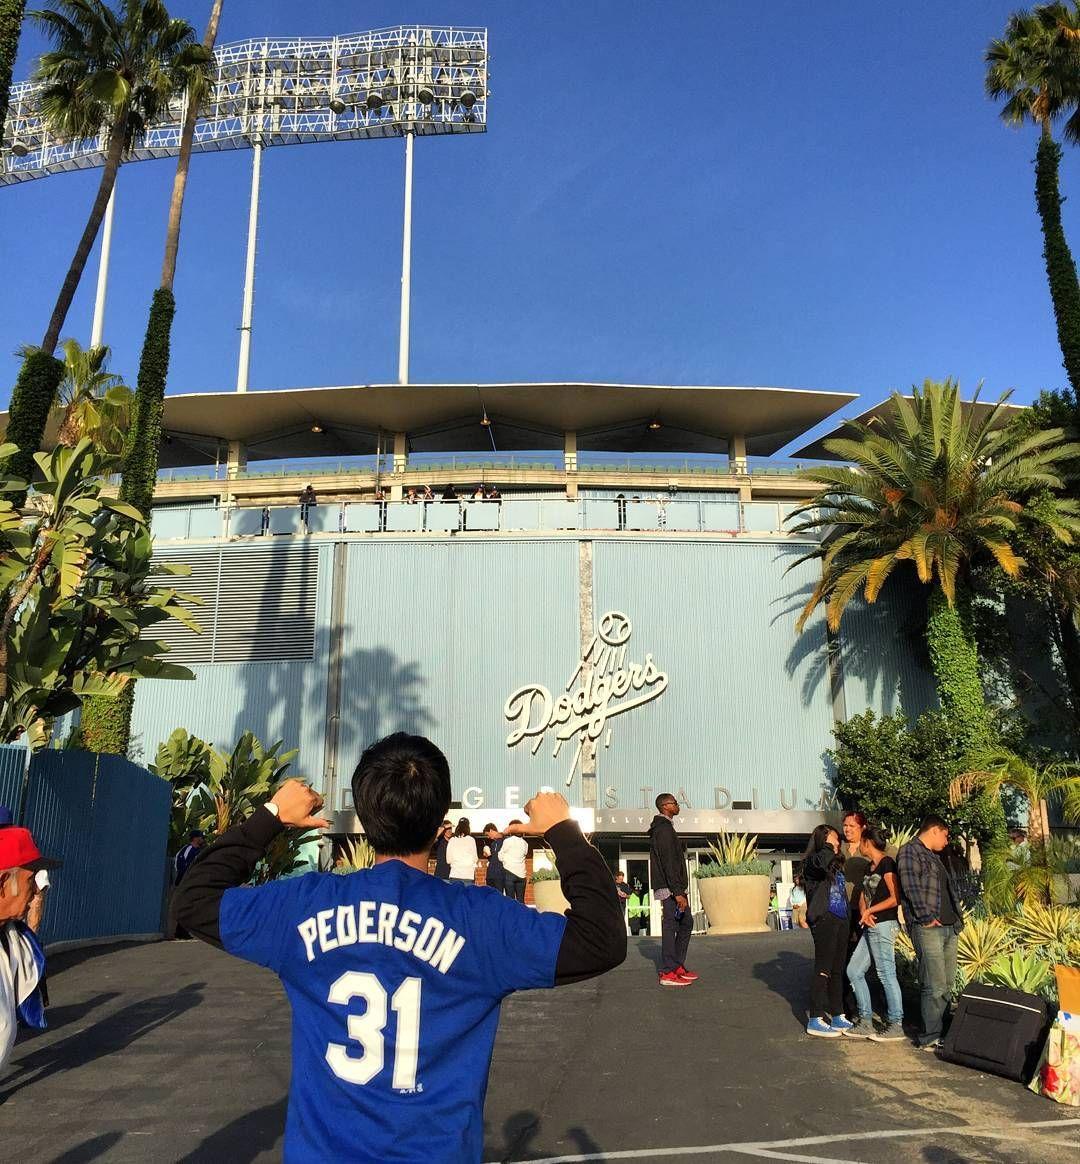 THINK BLUE: #다저스타디움 #Dodgerstadium #LA다저스 #류현진 #MLB #Jocpederson #피더슨 #야구중독자 사실 이번 미국여행의 가장 큰 목적은 류현진 선발경기를 보는 것이었다. 이 때쯤이면 부상에서 회복해서 경기를 뛸 수 있을 줄 알았는데 너무 아쉽다. 류현진 보러왔는데 마에다 이치로 같은 일본선수만 봤다ㅠㅠ 어찌 됐든 군대에서부터 너무 재밌게보던 다저스경기를 실제로 보니 꿈만 같다. 이틀 연속 경기를 봤고 둘다 참패했는데도 너무 재밌다. 어쩌면 내일 또 갈지도 모르겠다.ㅋㅋㅋ by bok_ms